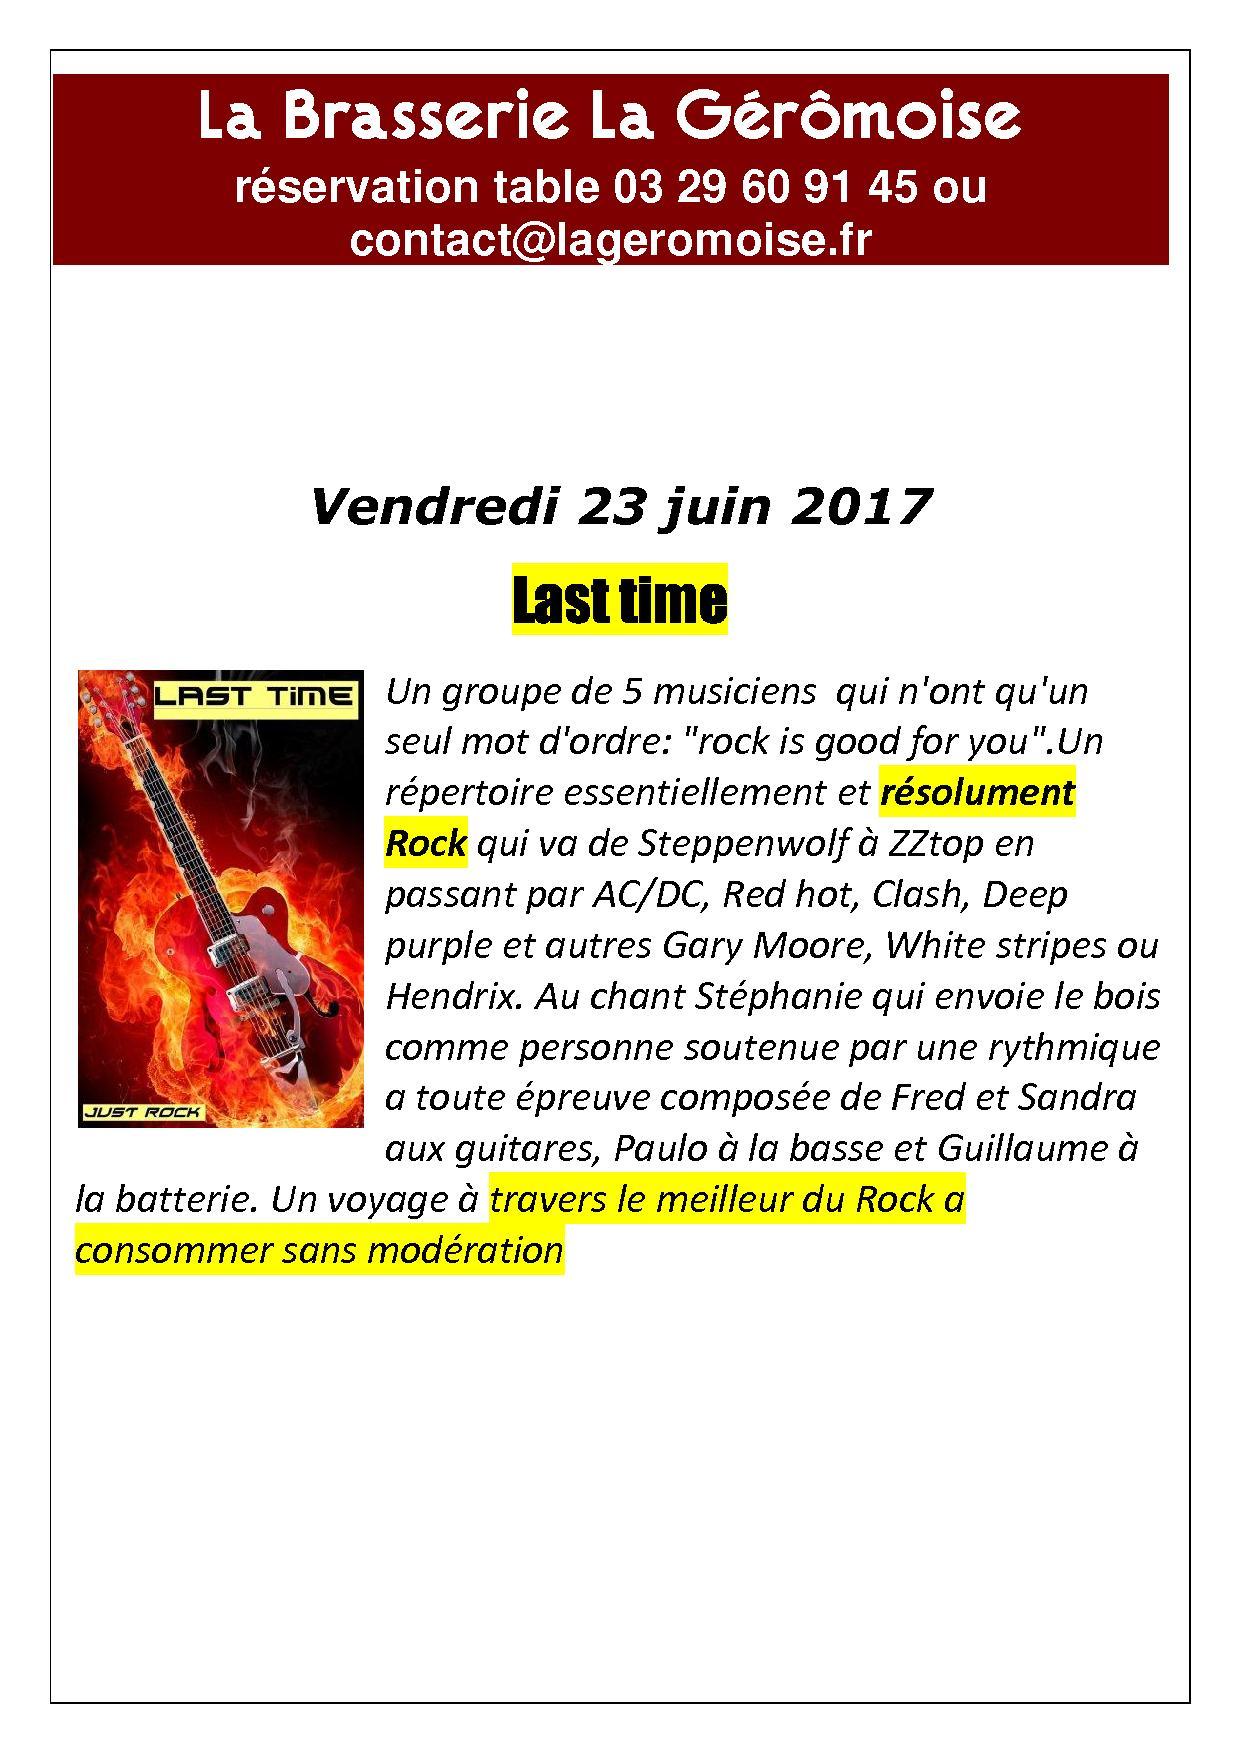 concert-du-23-juin-2017-fete-de-la-musique.jpg